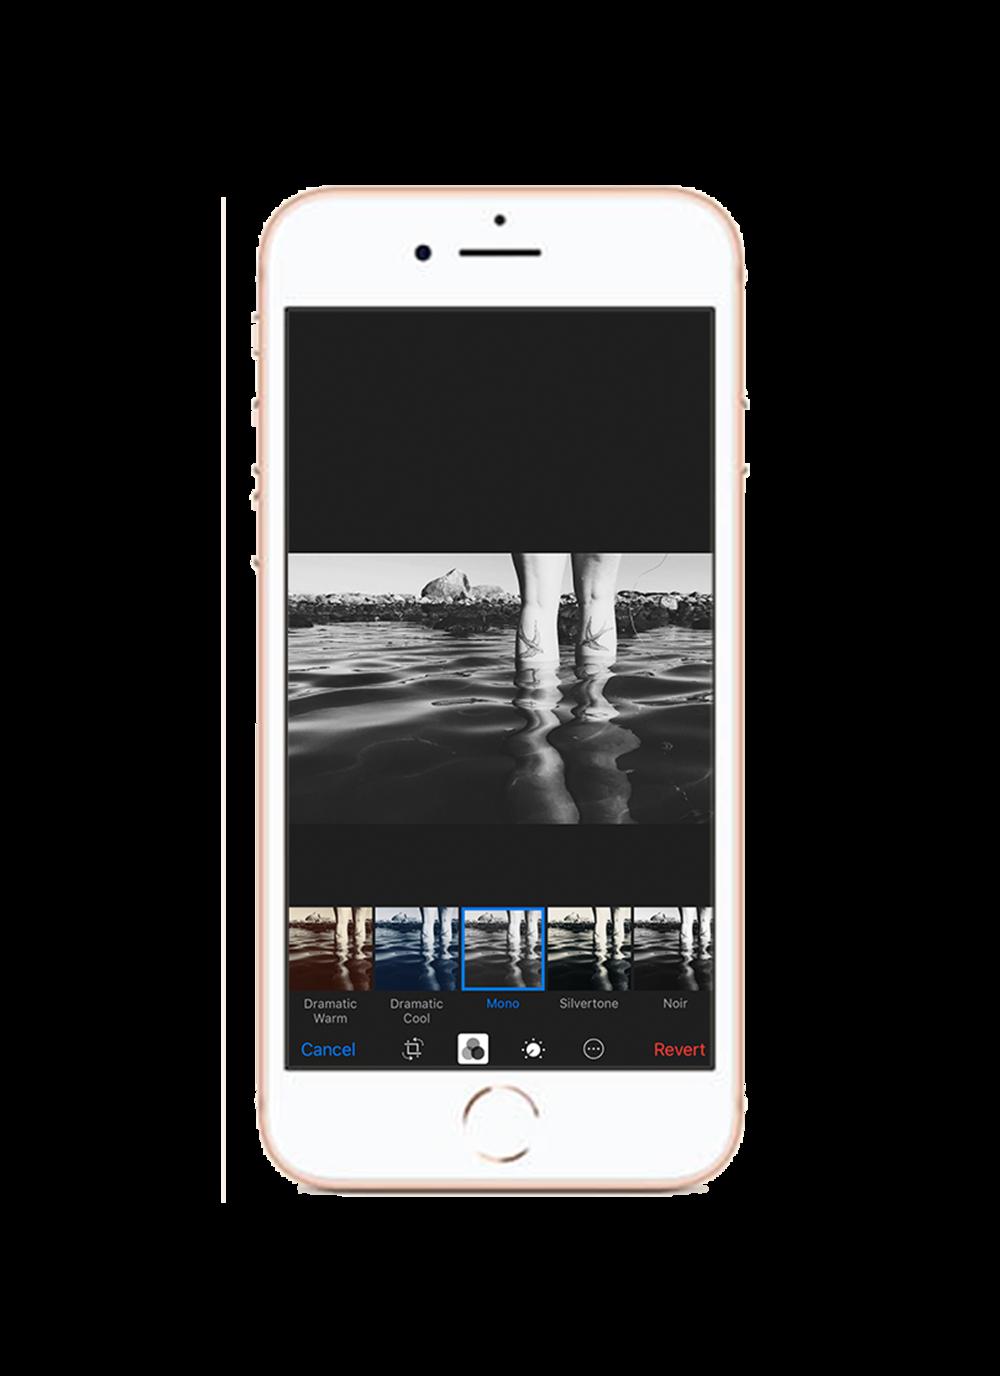 3. Välj filter - Välj sedan det filter du tycker är snyggast av de svart/vita och applicera det på samtliga bilder i ditt album. På så sätt skapar du ett enhetligt uttryck på alla bilder.